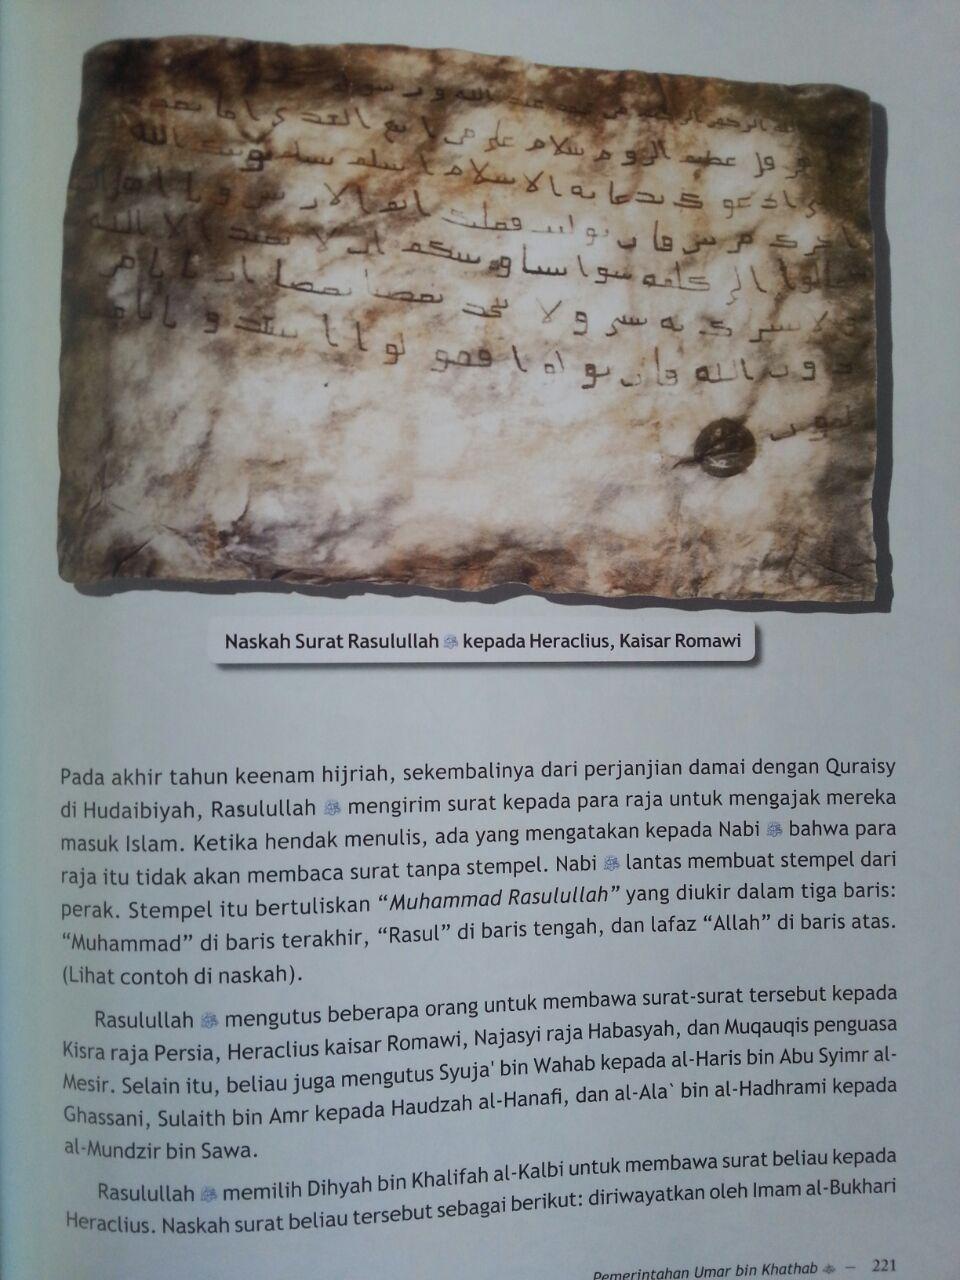 Buku Jejak Khulafaur Rasyidin Umar bin Khathab isi 3